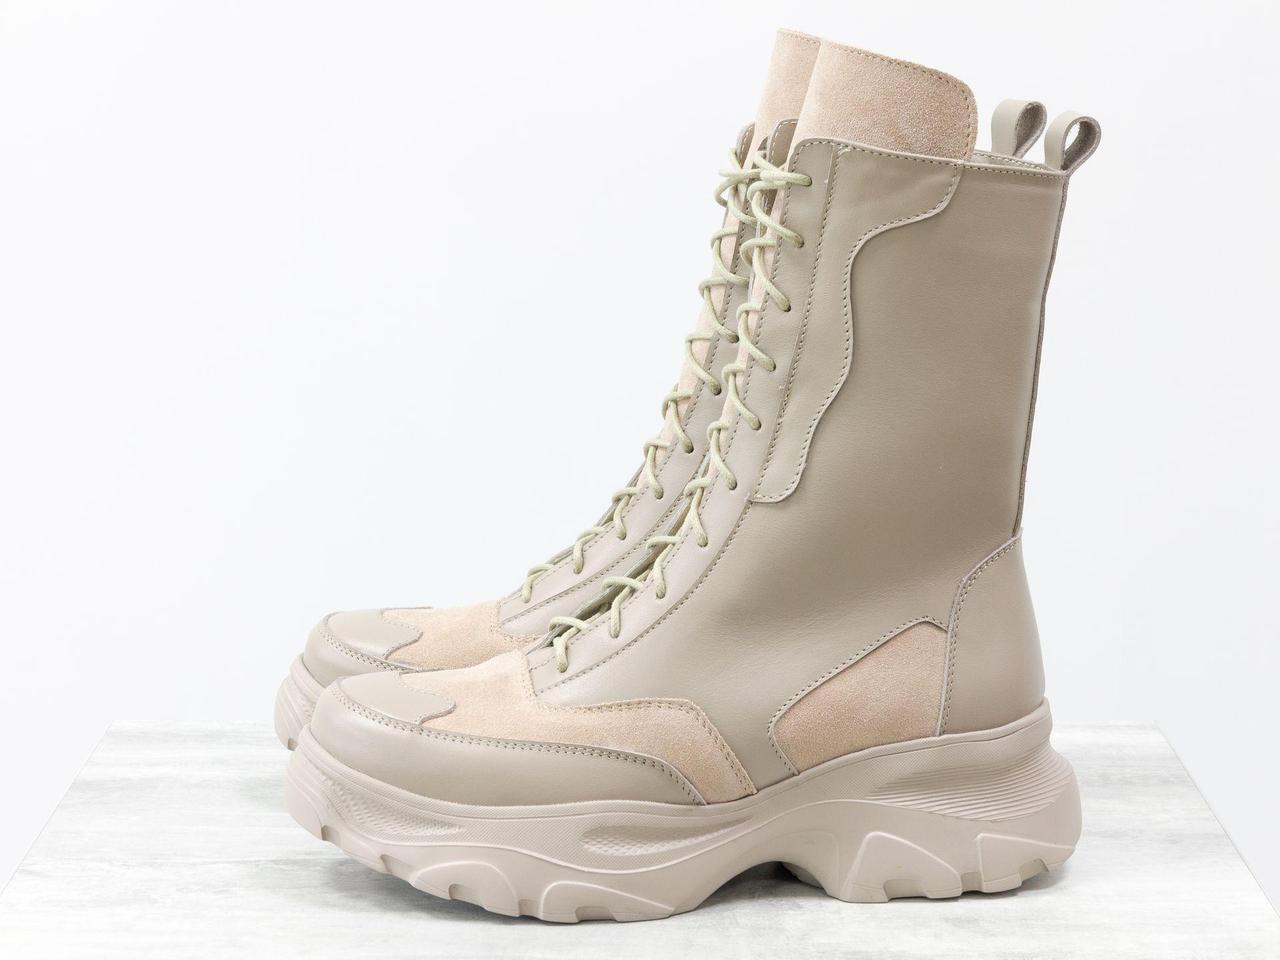 Высокие ботинки берцы 40 размер - фото 7